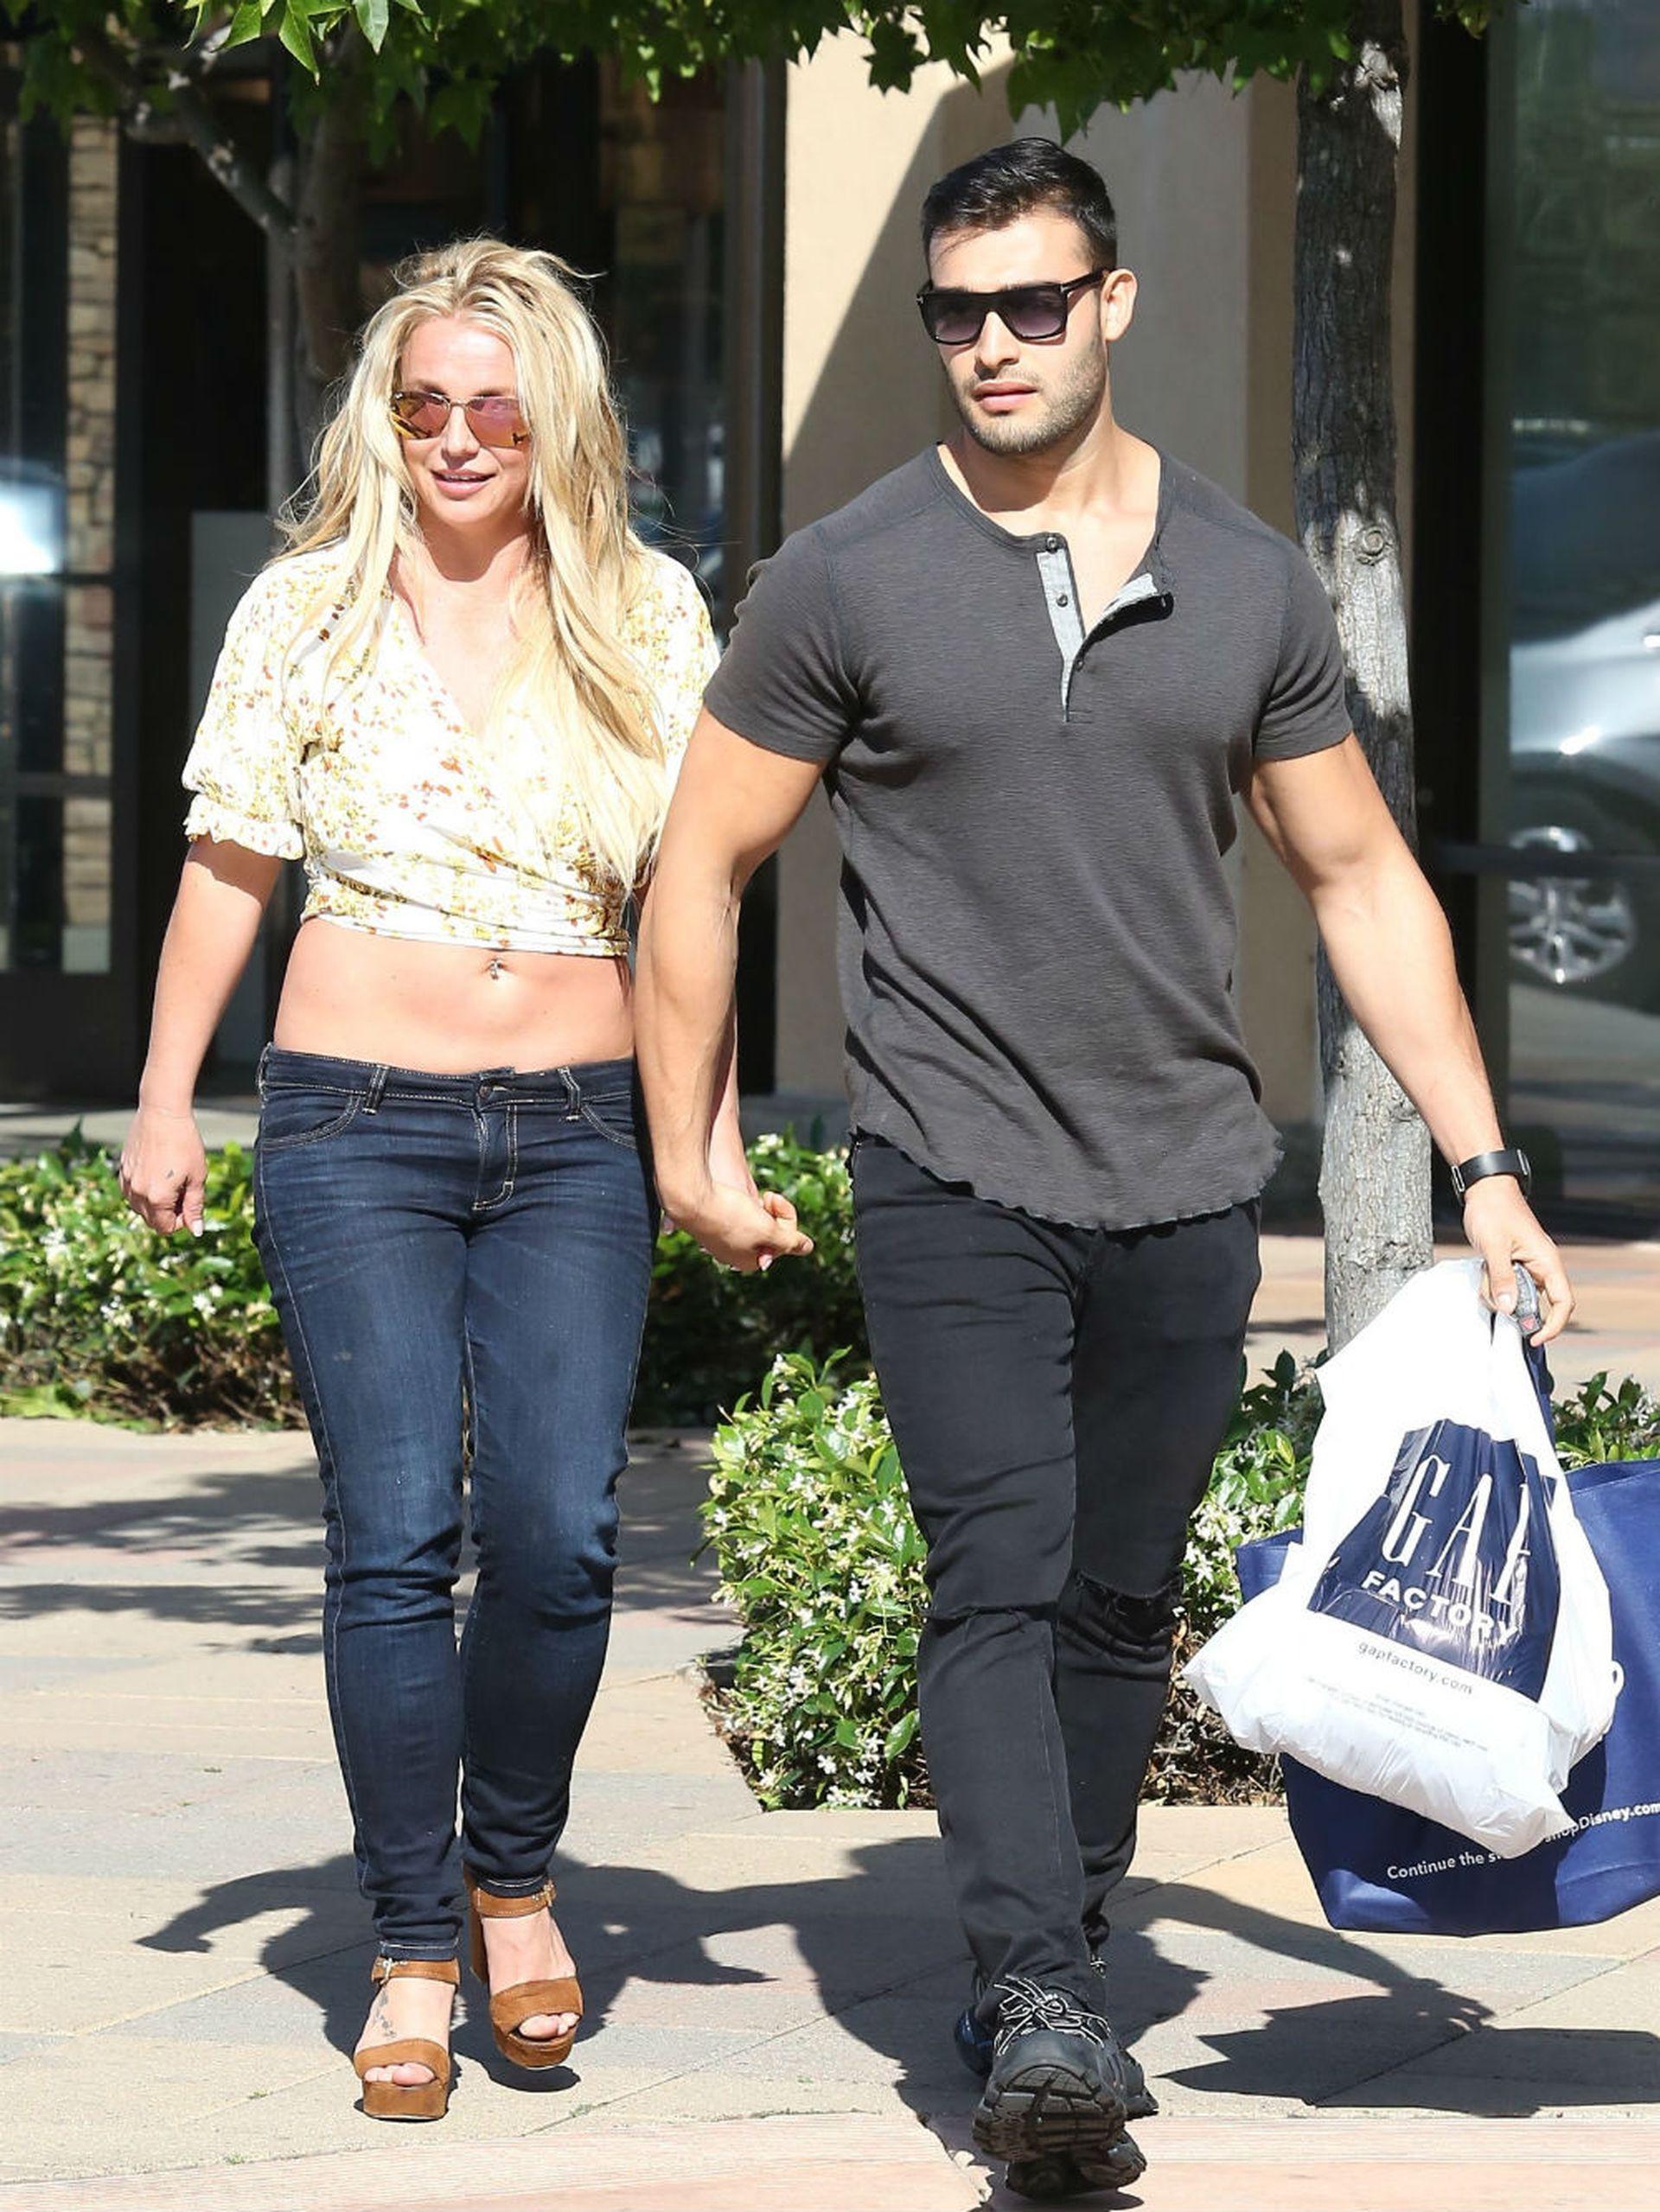 Si bien su manager dice lo contrario, Britney Spears aprovechó el asedio periodístico en una salida a un shopping de California con su novio Sam Asghari para desmentir su retiro de los escenarios